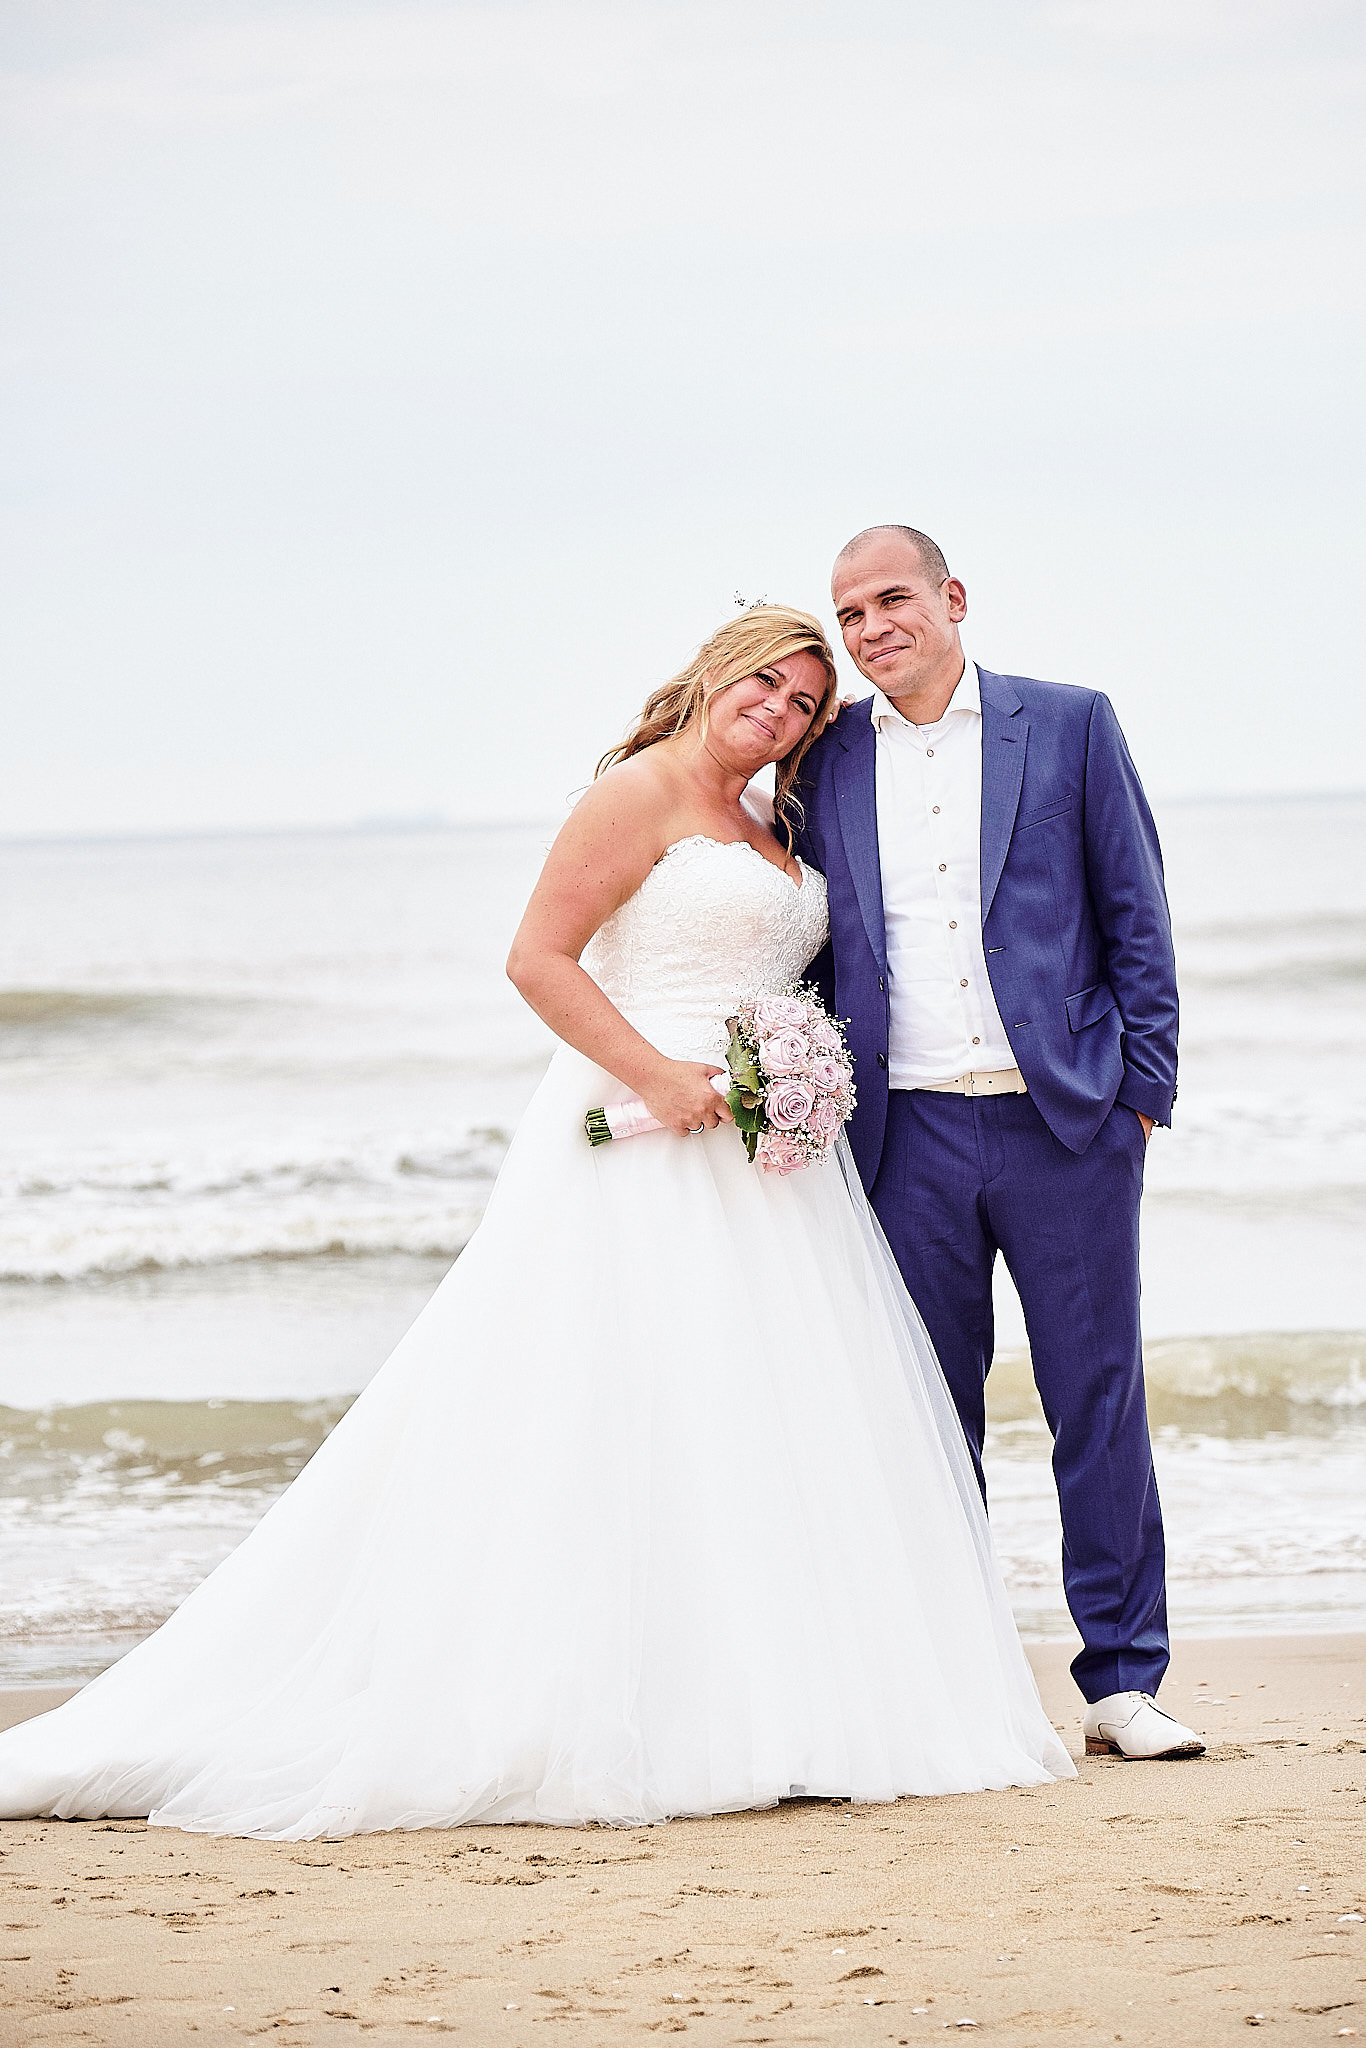 de trouwreportage van Vanessa en Manuel in Down Under Scheveningen